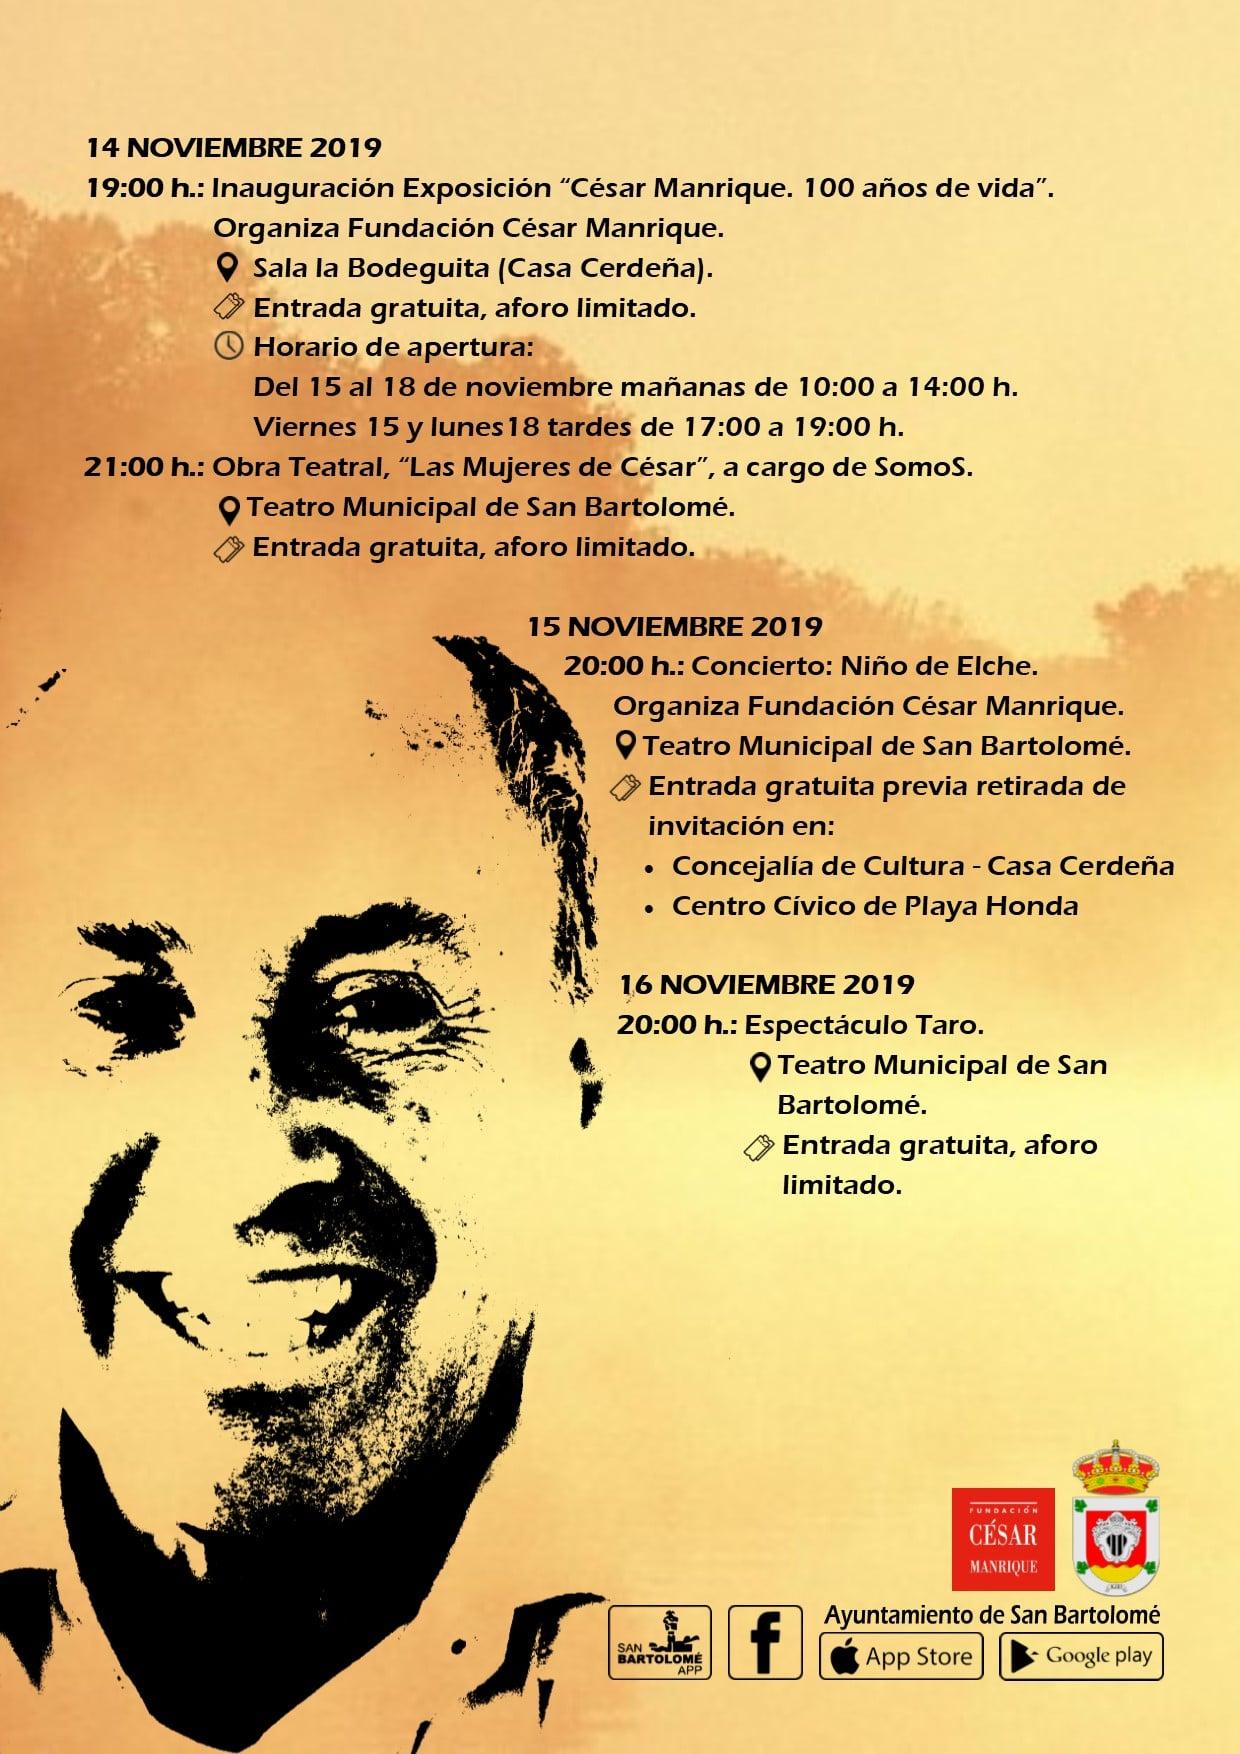 Niño de Elche vuelve a Lanzarote para presentar su nuevo disco en un concierto que forma parte del homenaje al centenario de César Manrique